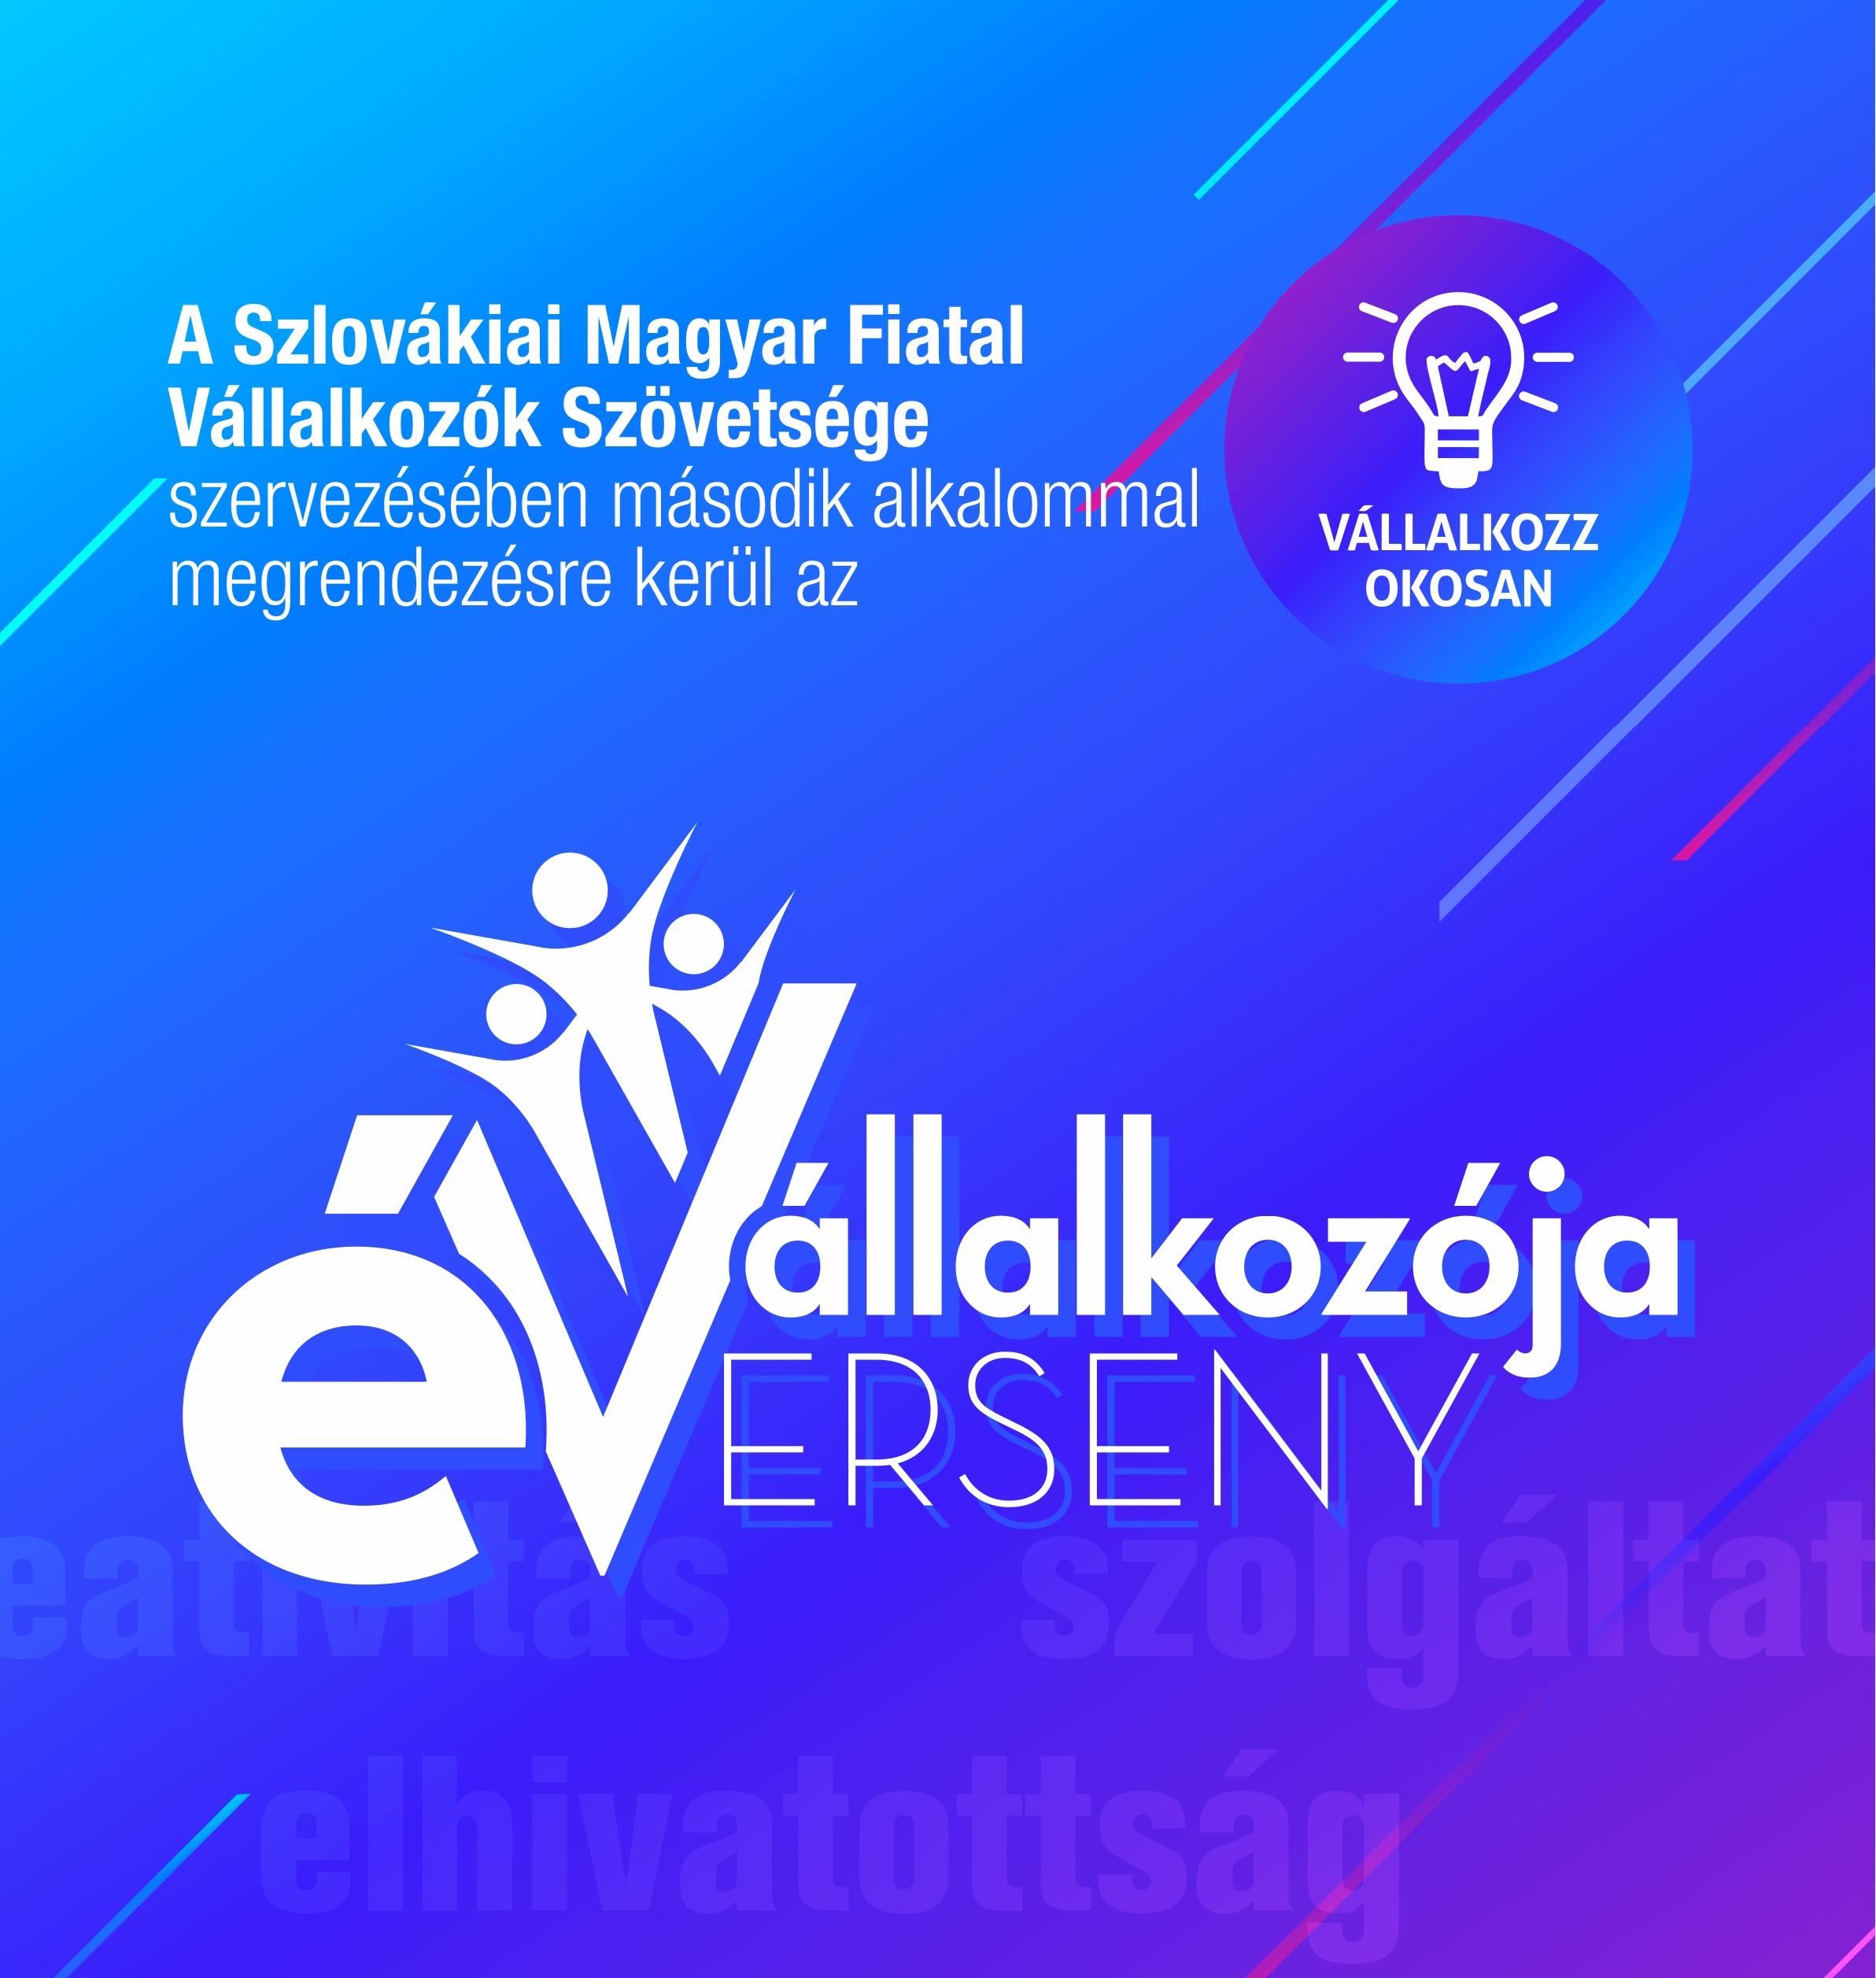 verseny-mobile-bg